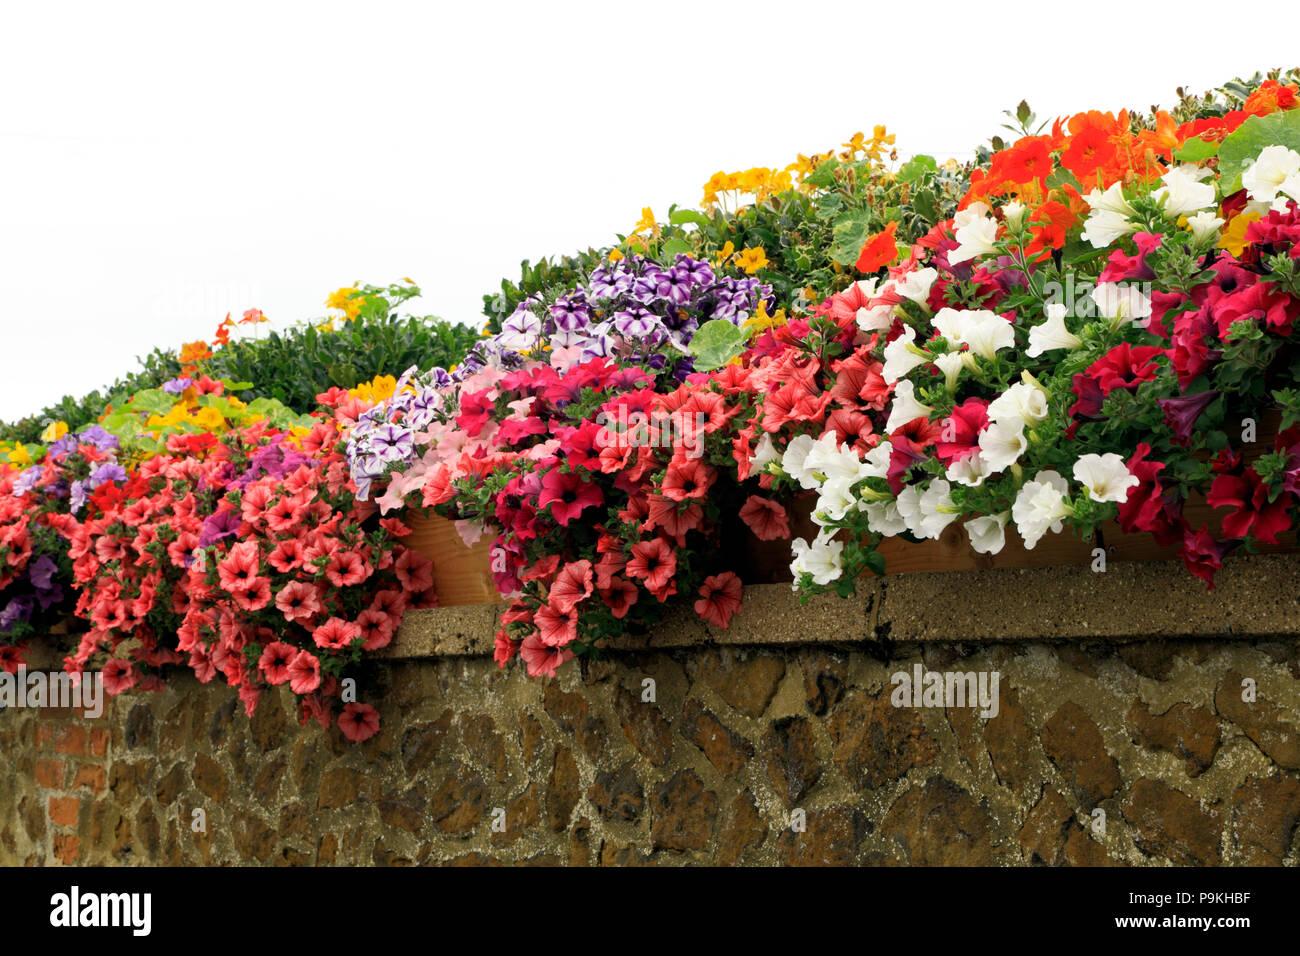 Muro del giardino, nelle petunie, viola, rosso, rosa, bianco, colori di giallo Immagini Stock